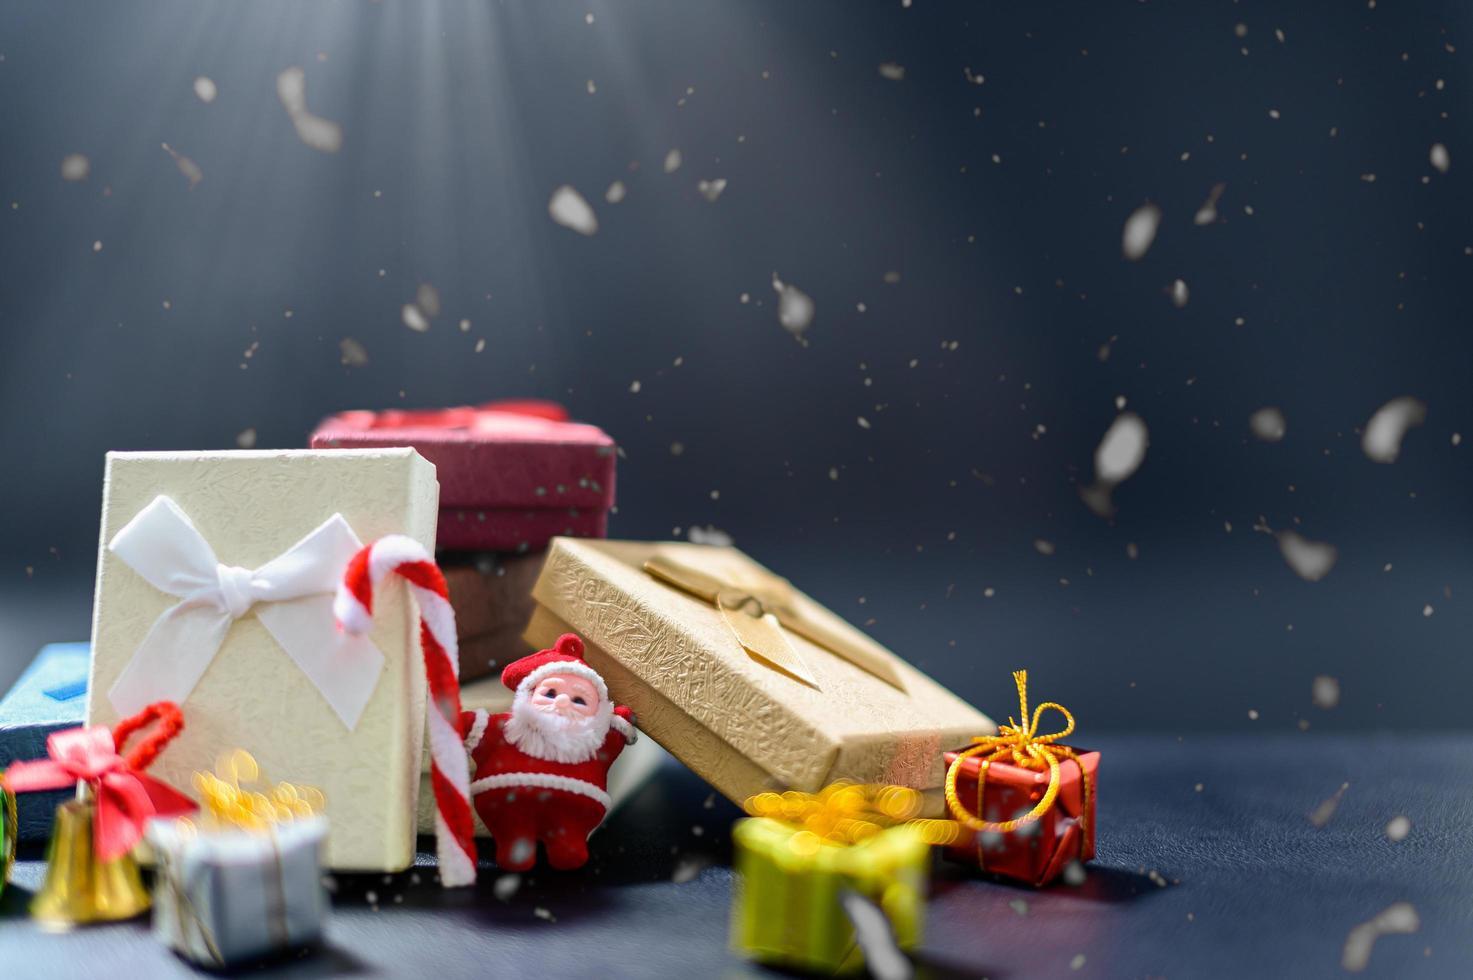 caja de regalo de feliz navidad fondo de noche nevada foto